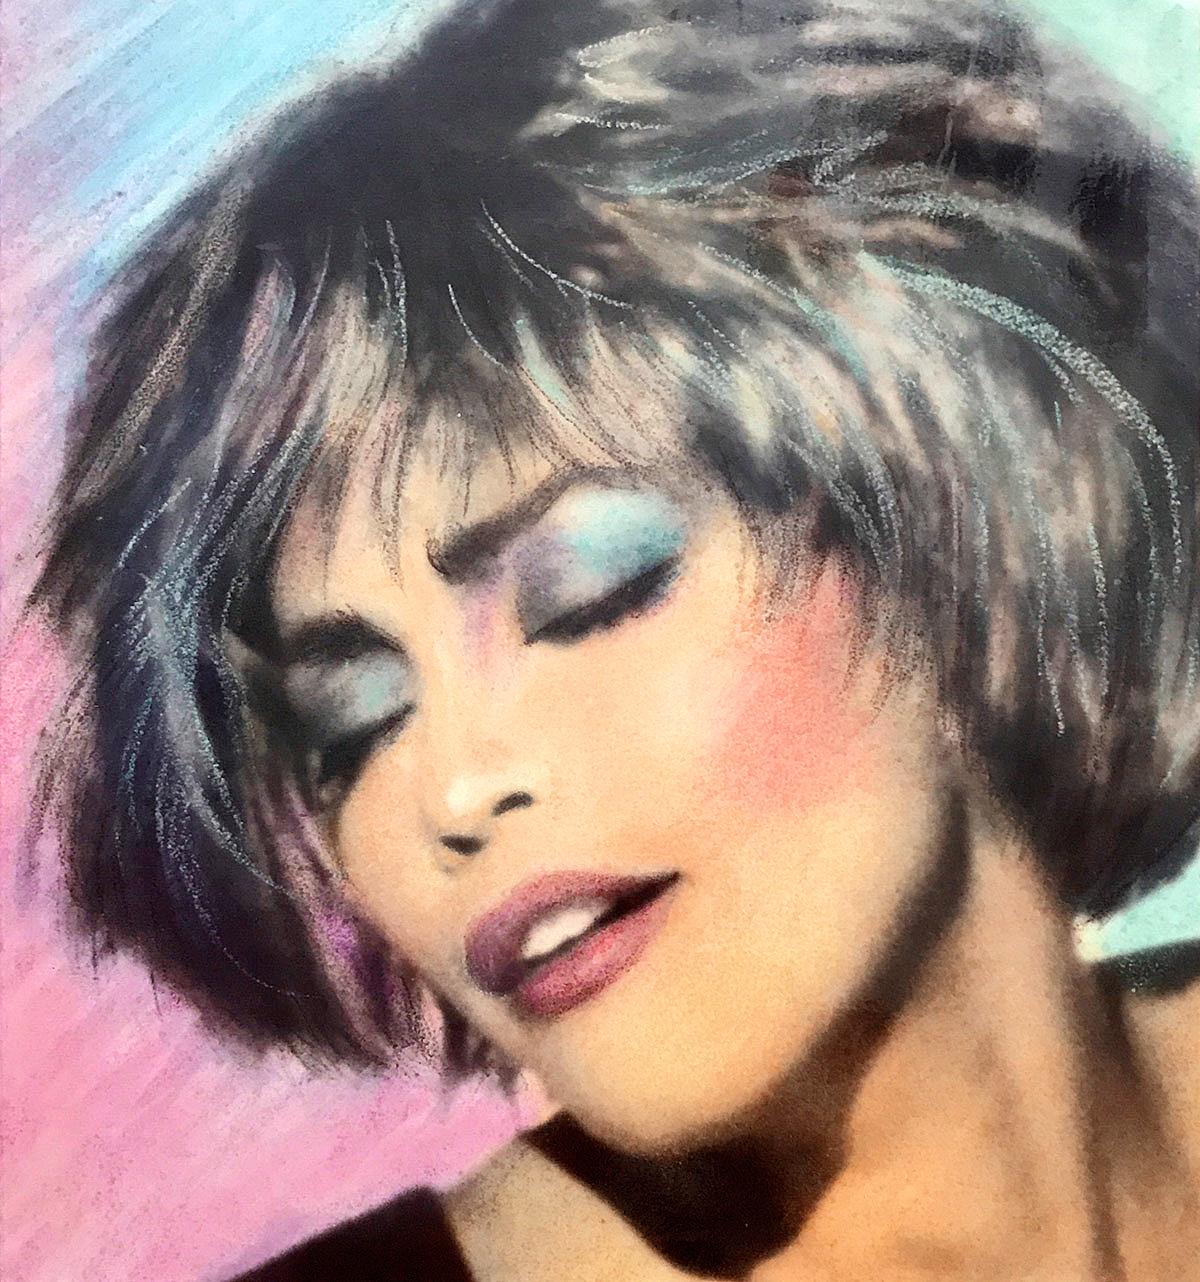 Whitney Houston #Whitney Houston#1990#tourbook#soul#funk#disco#ballad#vocal#nineties#illustration